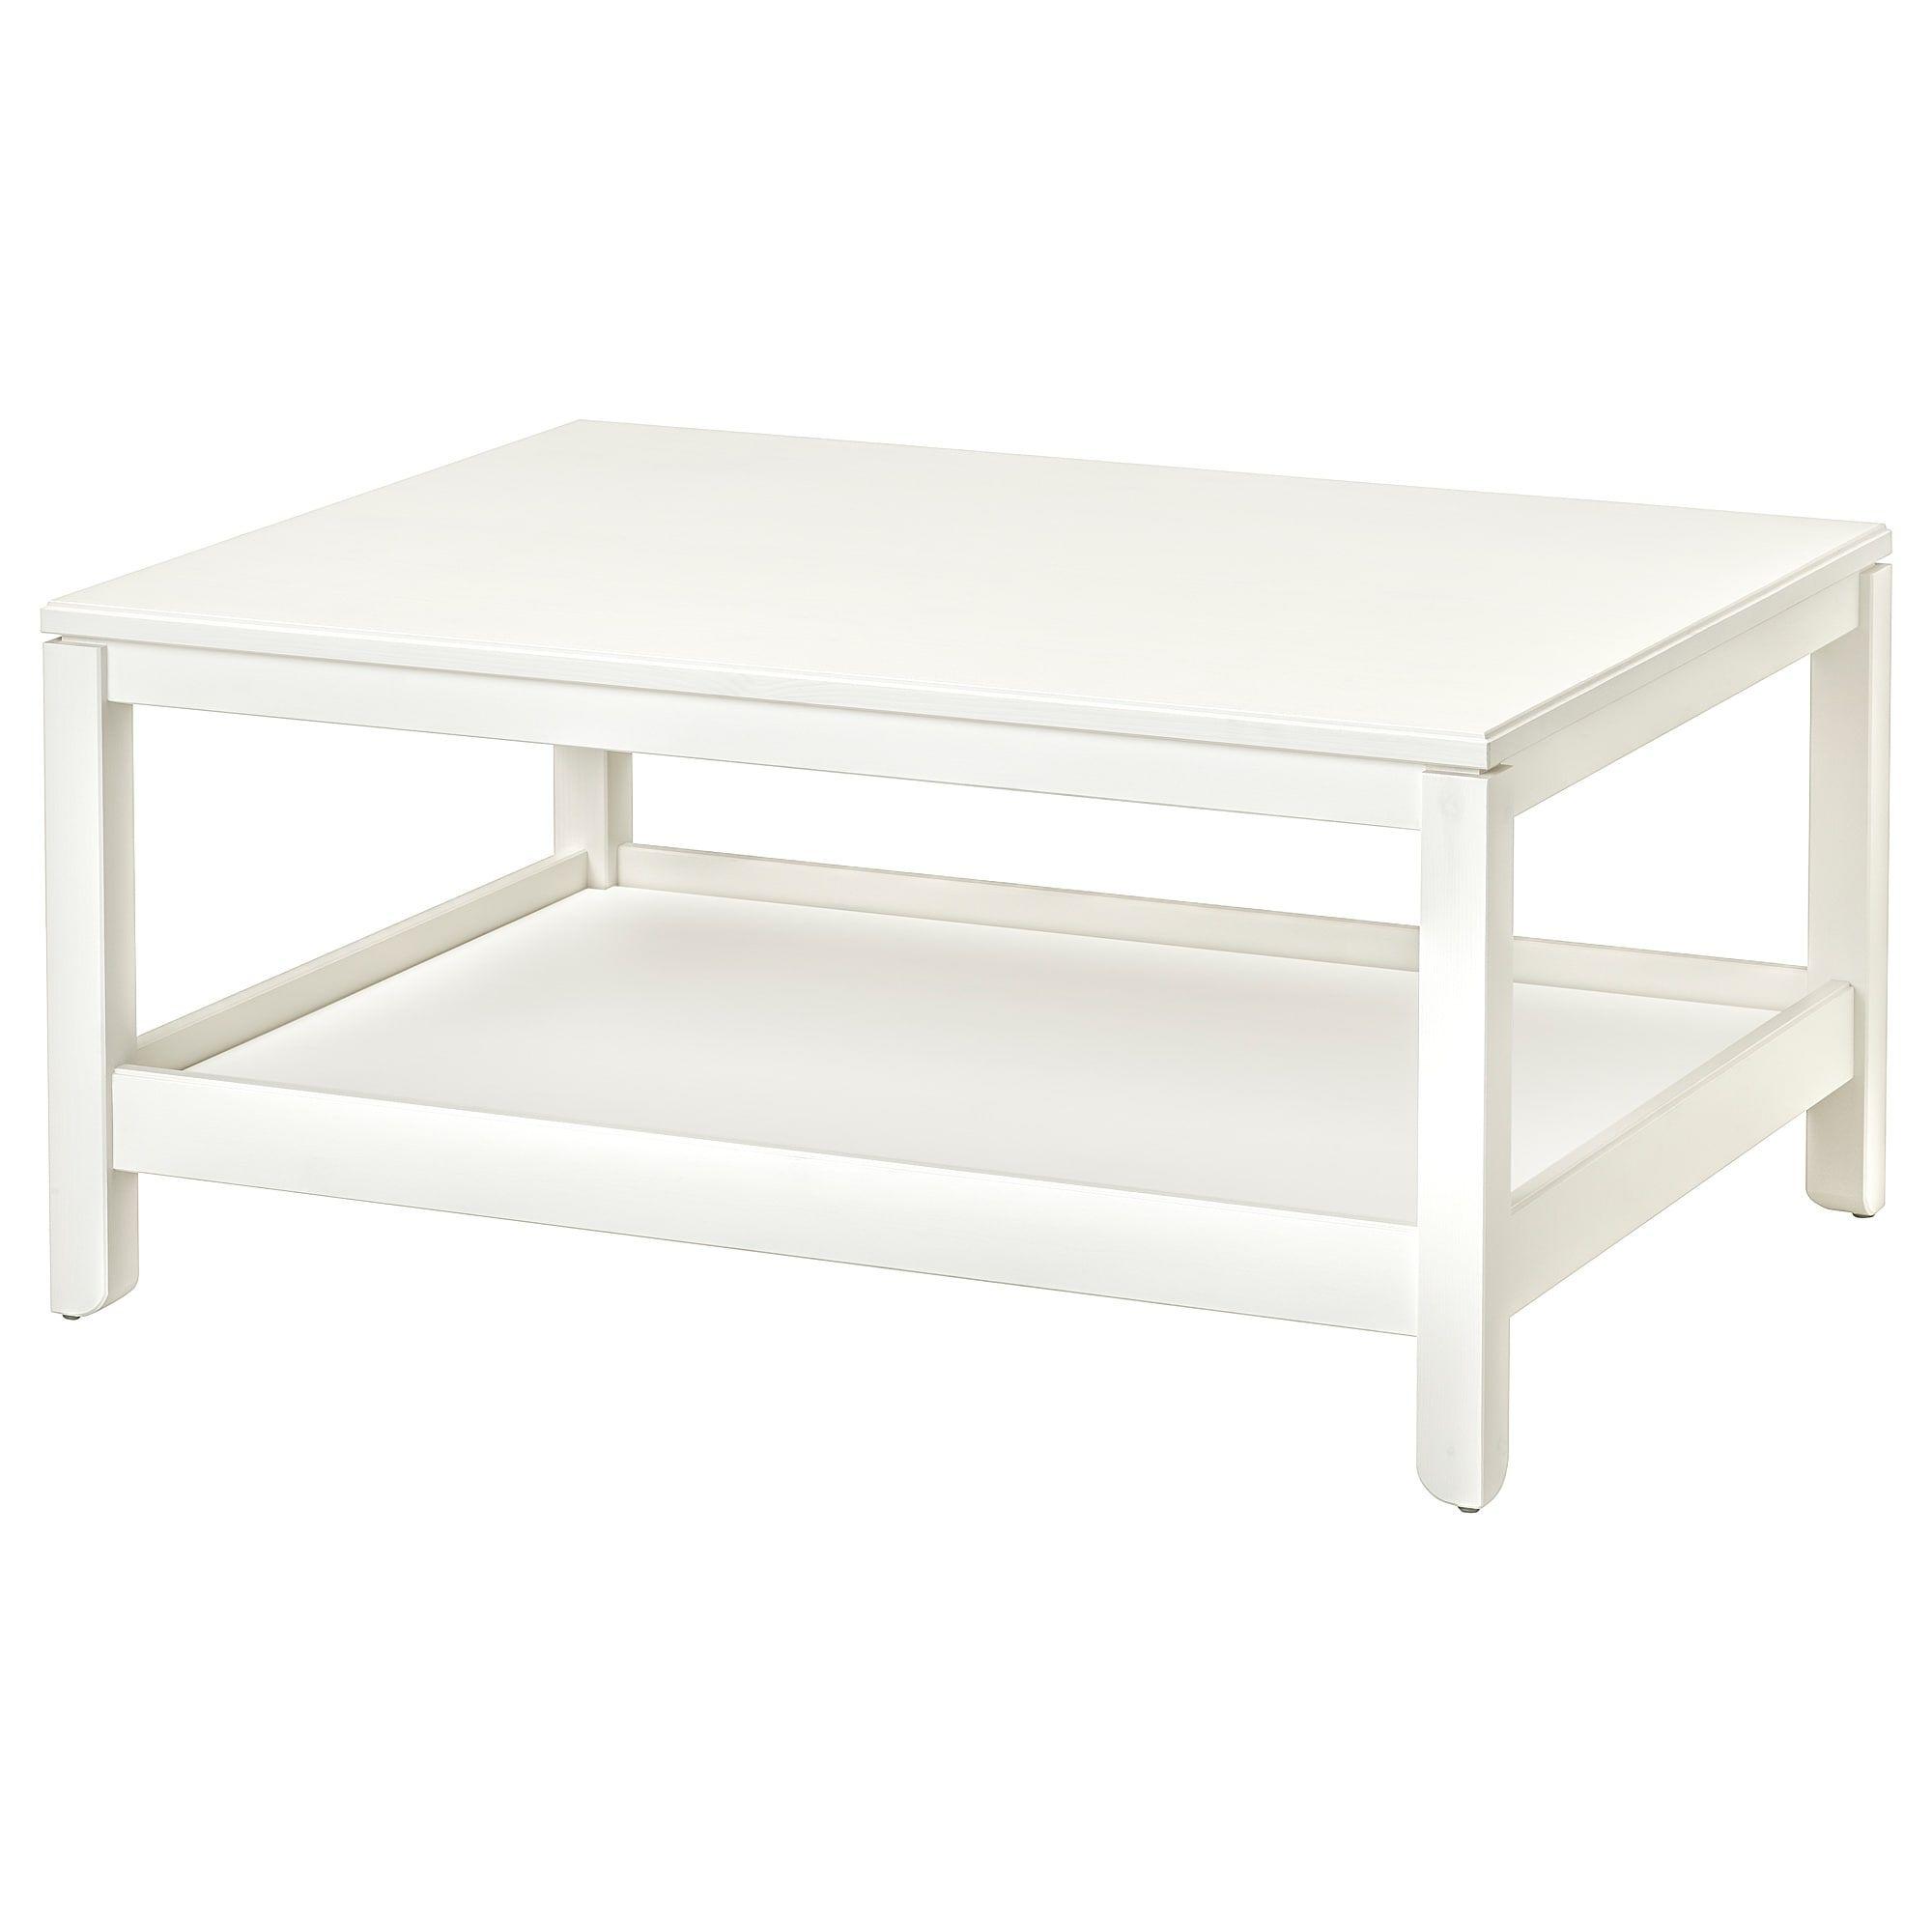 Couchtisch Havsta Weiss In 2019 Products Ikea Couchtisch